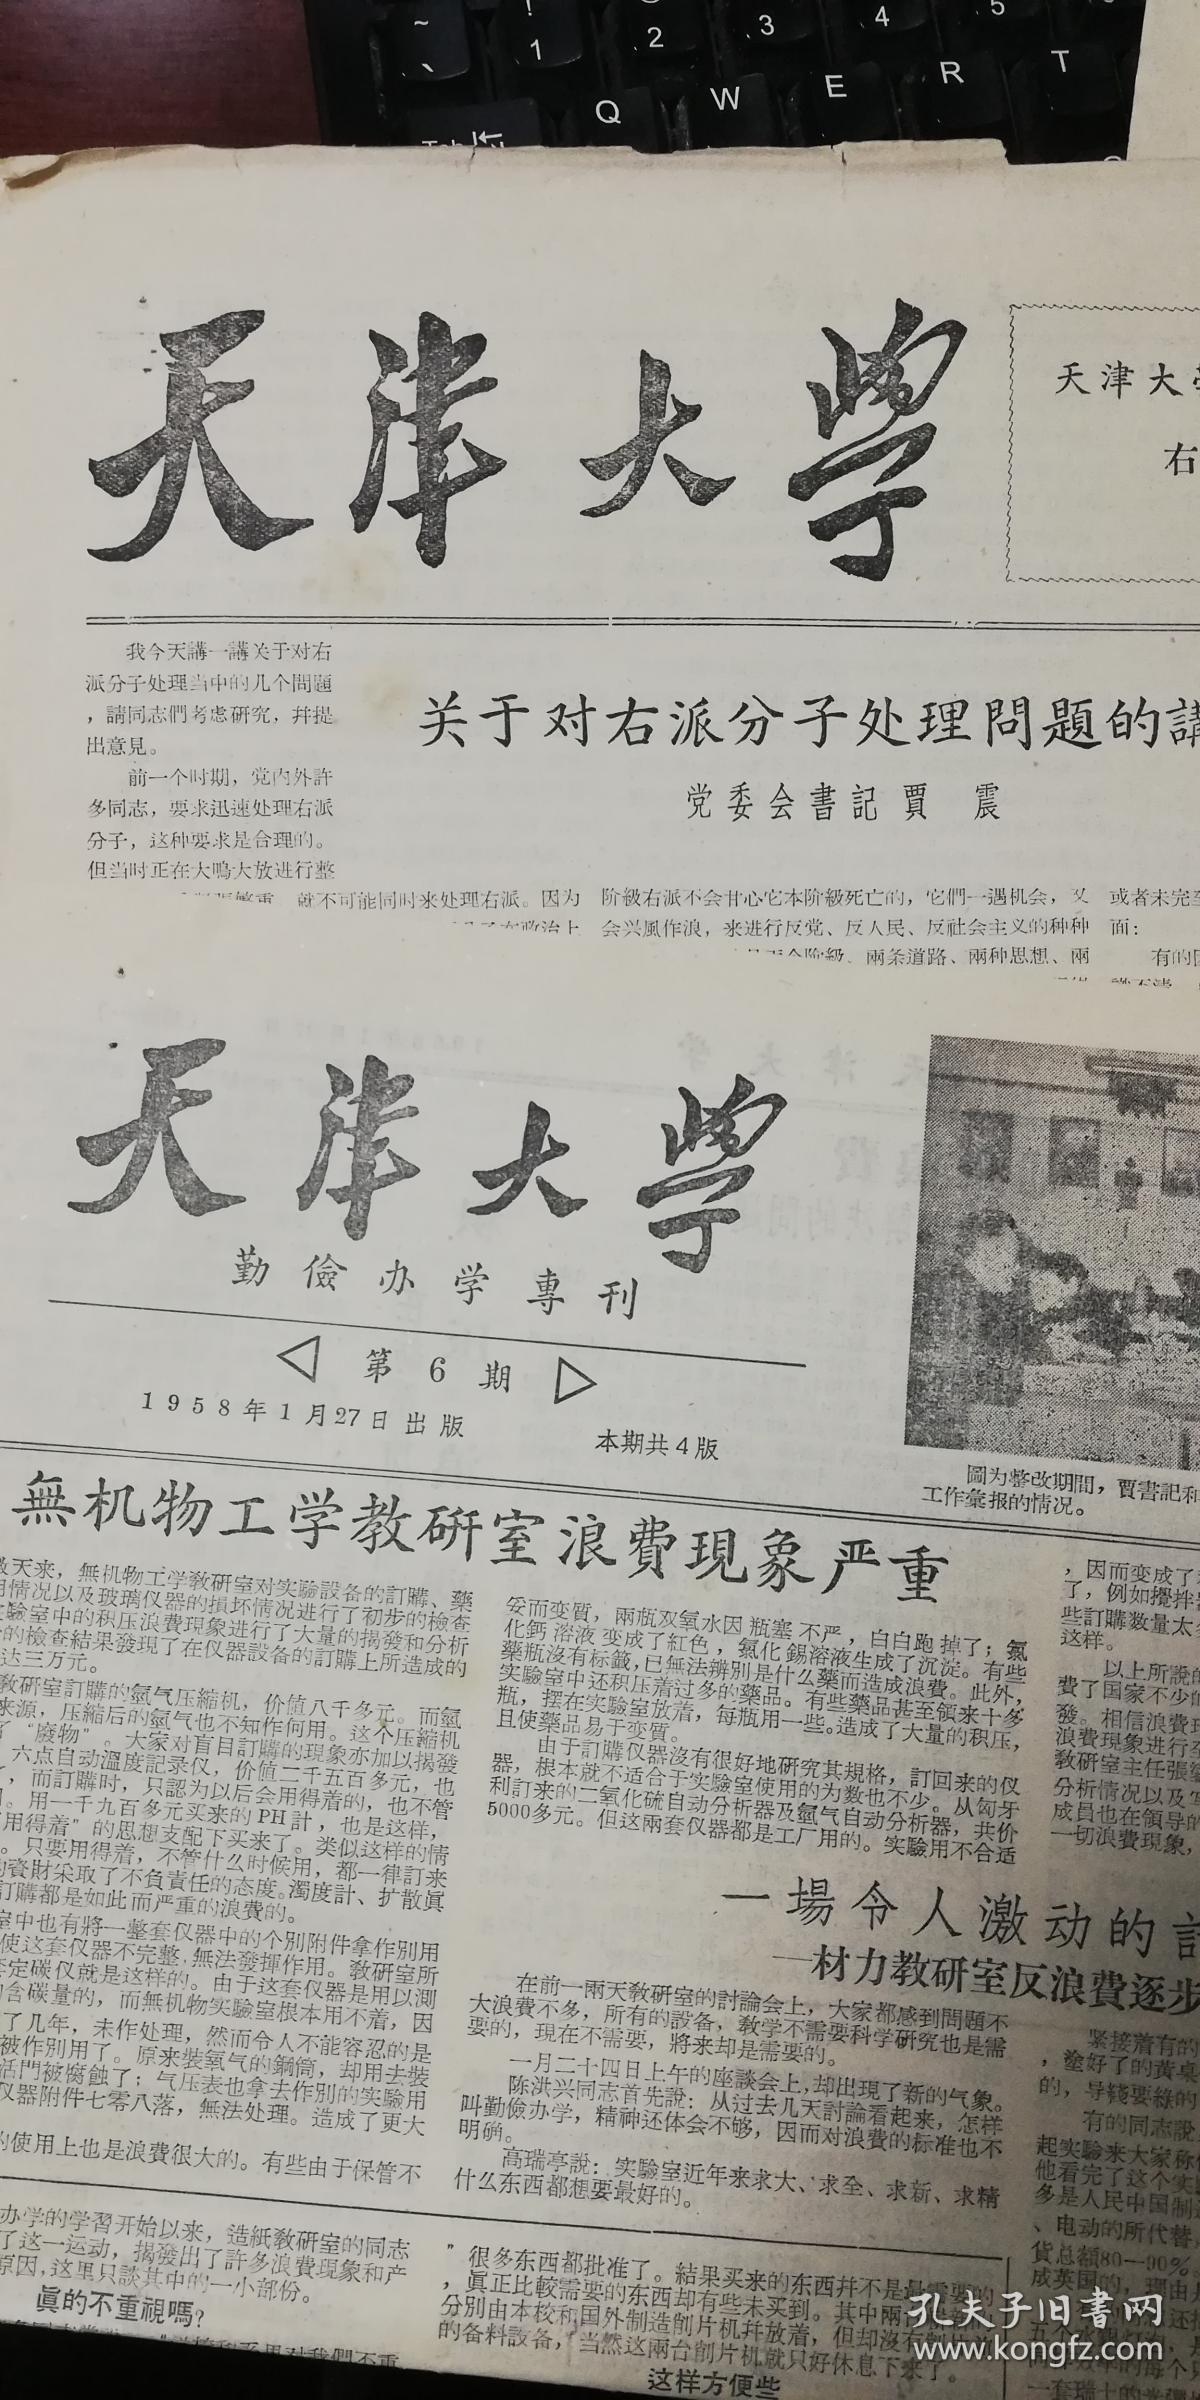 《访问王堤顶乡农业合作社徐茂起,李振义》,土木系杜光兴,电力系沈家图片